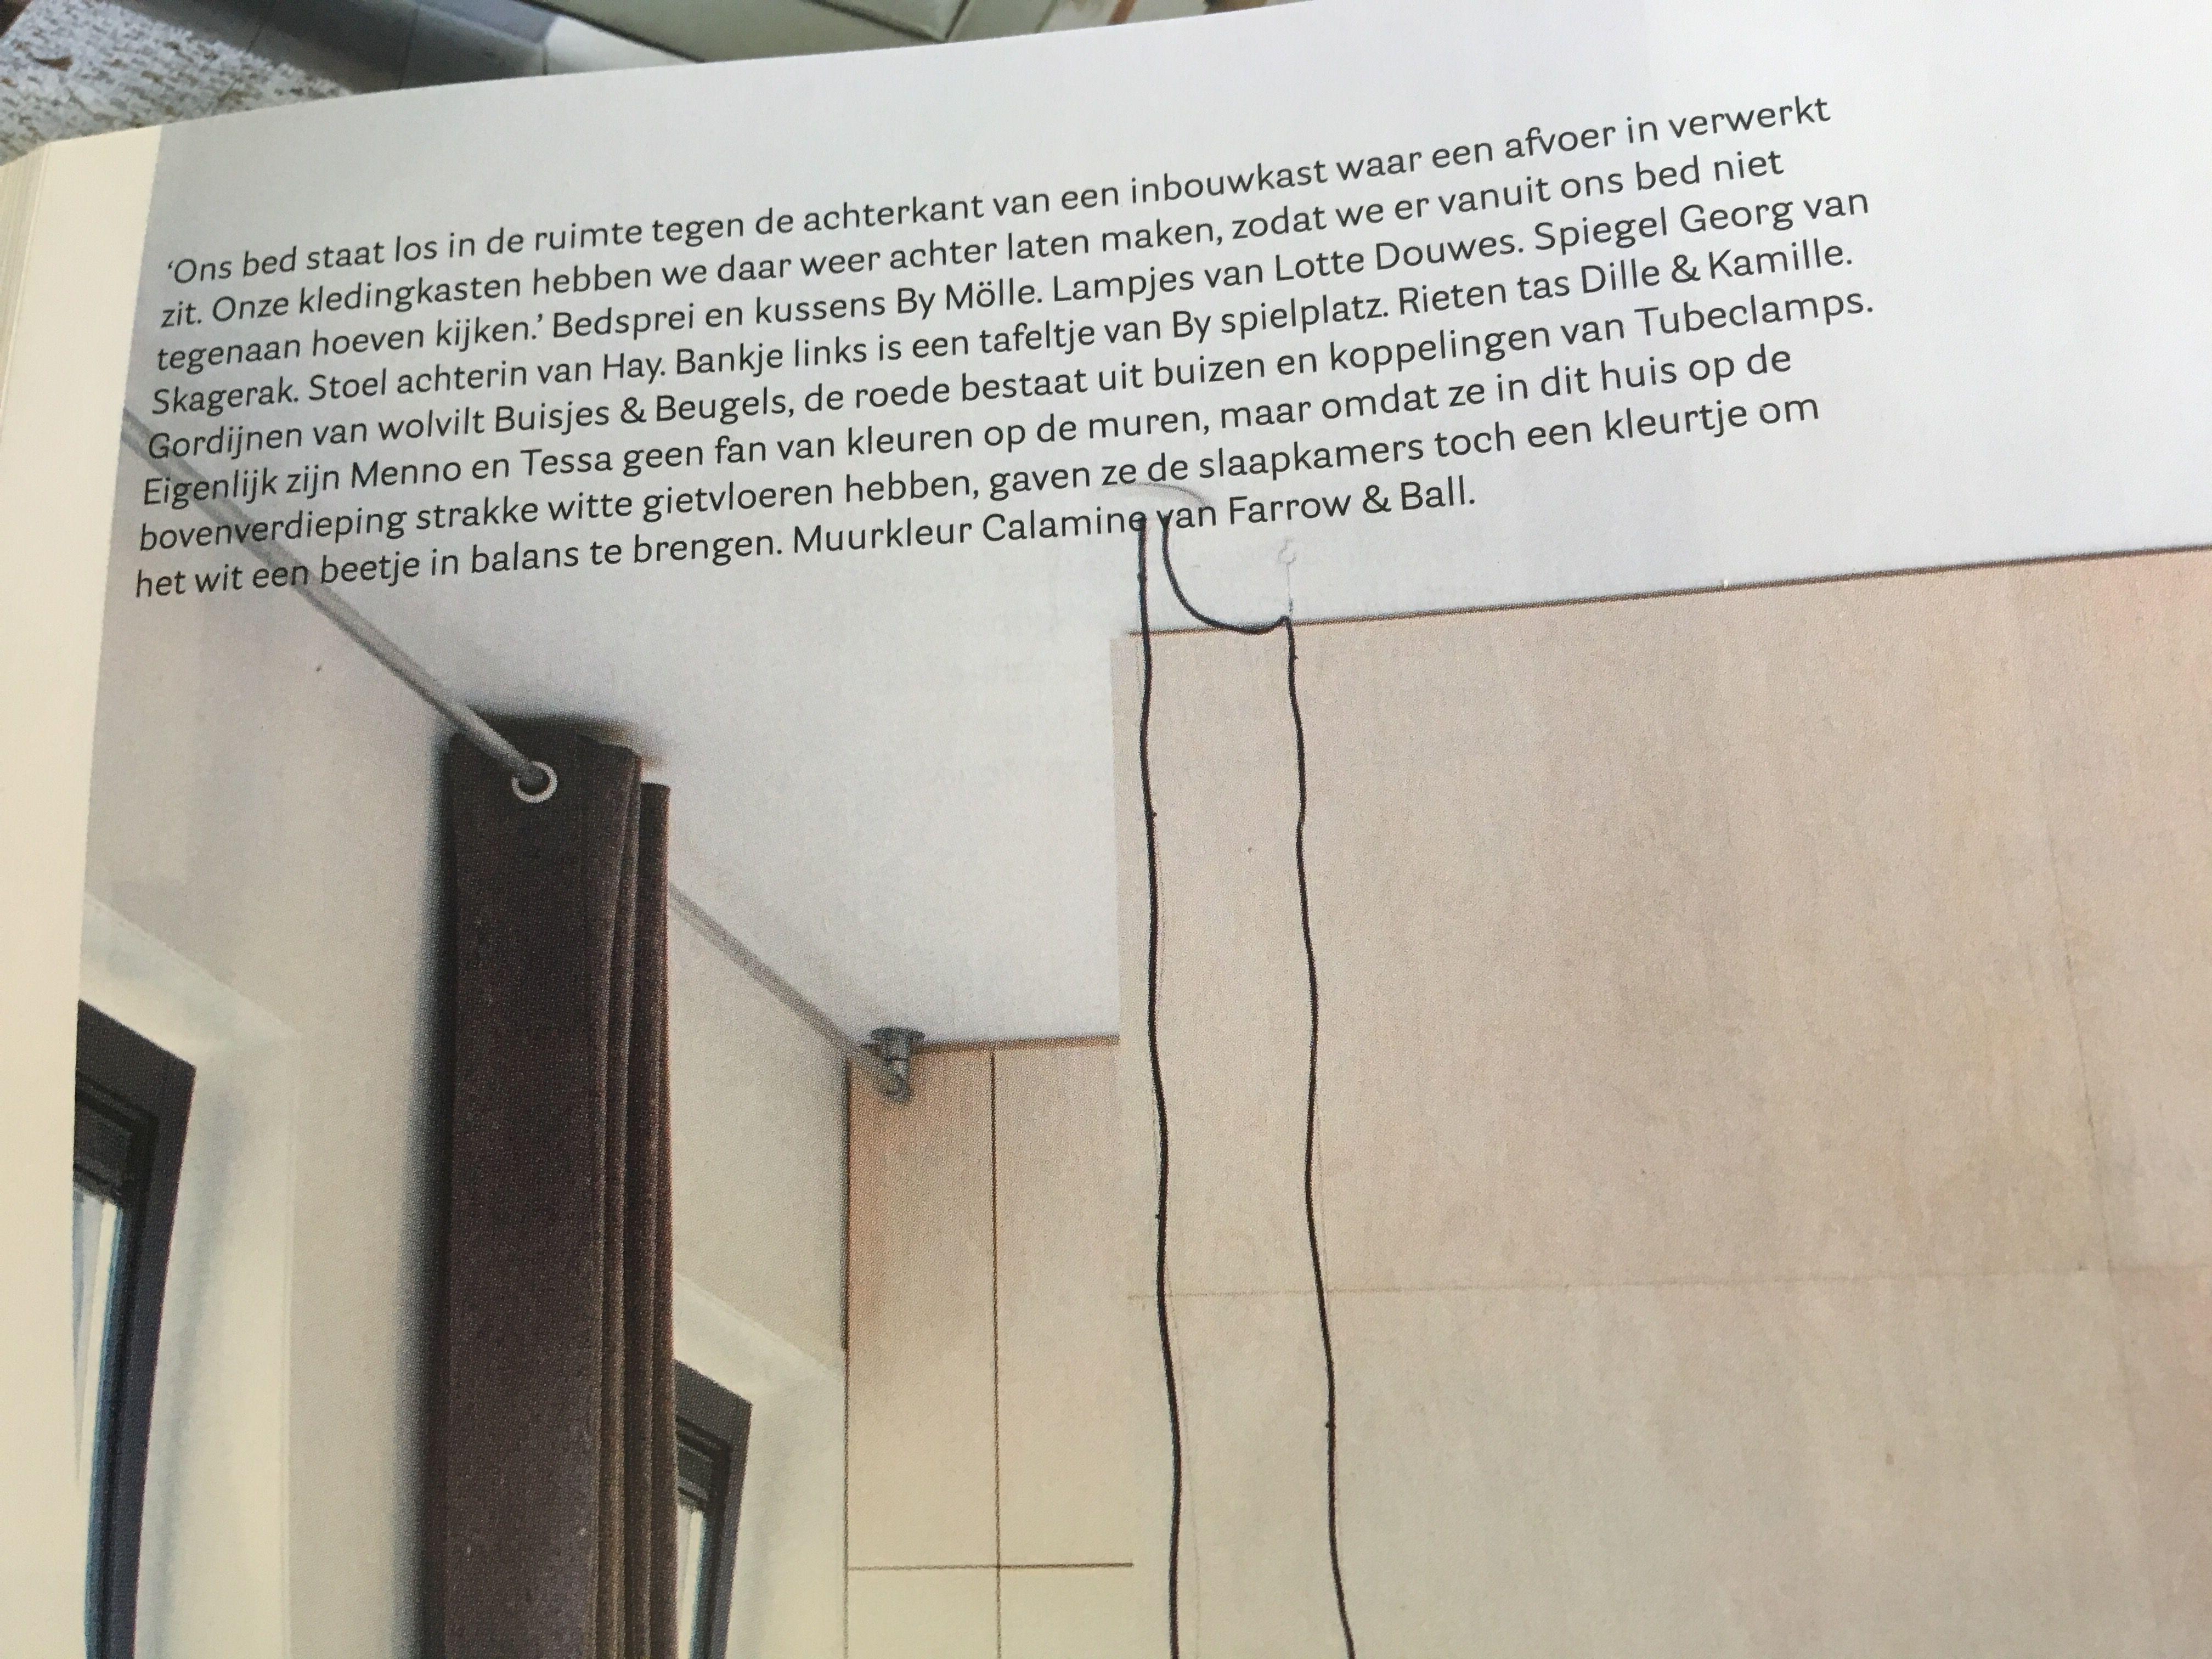 Gordijnen ophangen met Steigerbuis | Eetkeuken | Pinterest ...